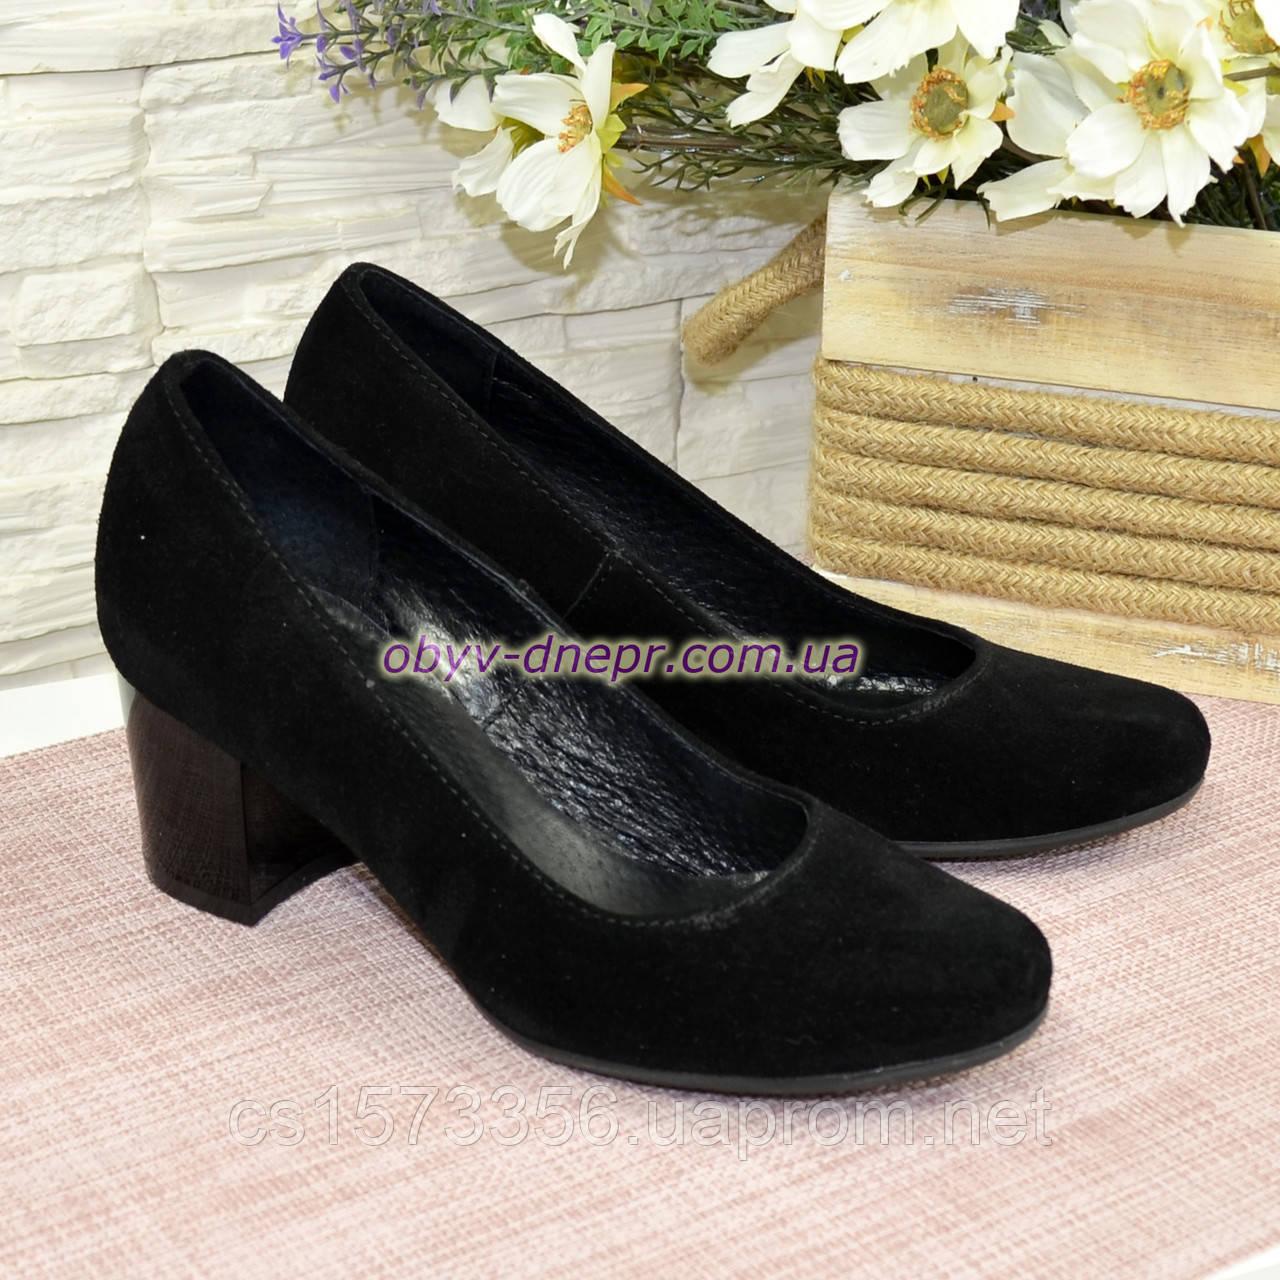 Женские замшевые туфли на невысоком устойчивом каблуке, цвет черный